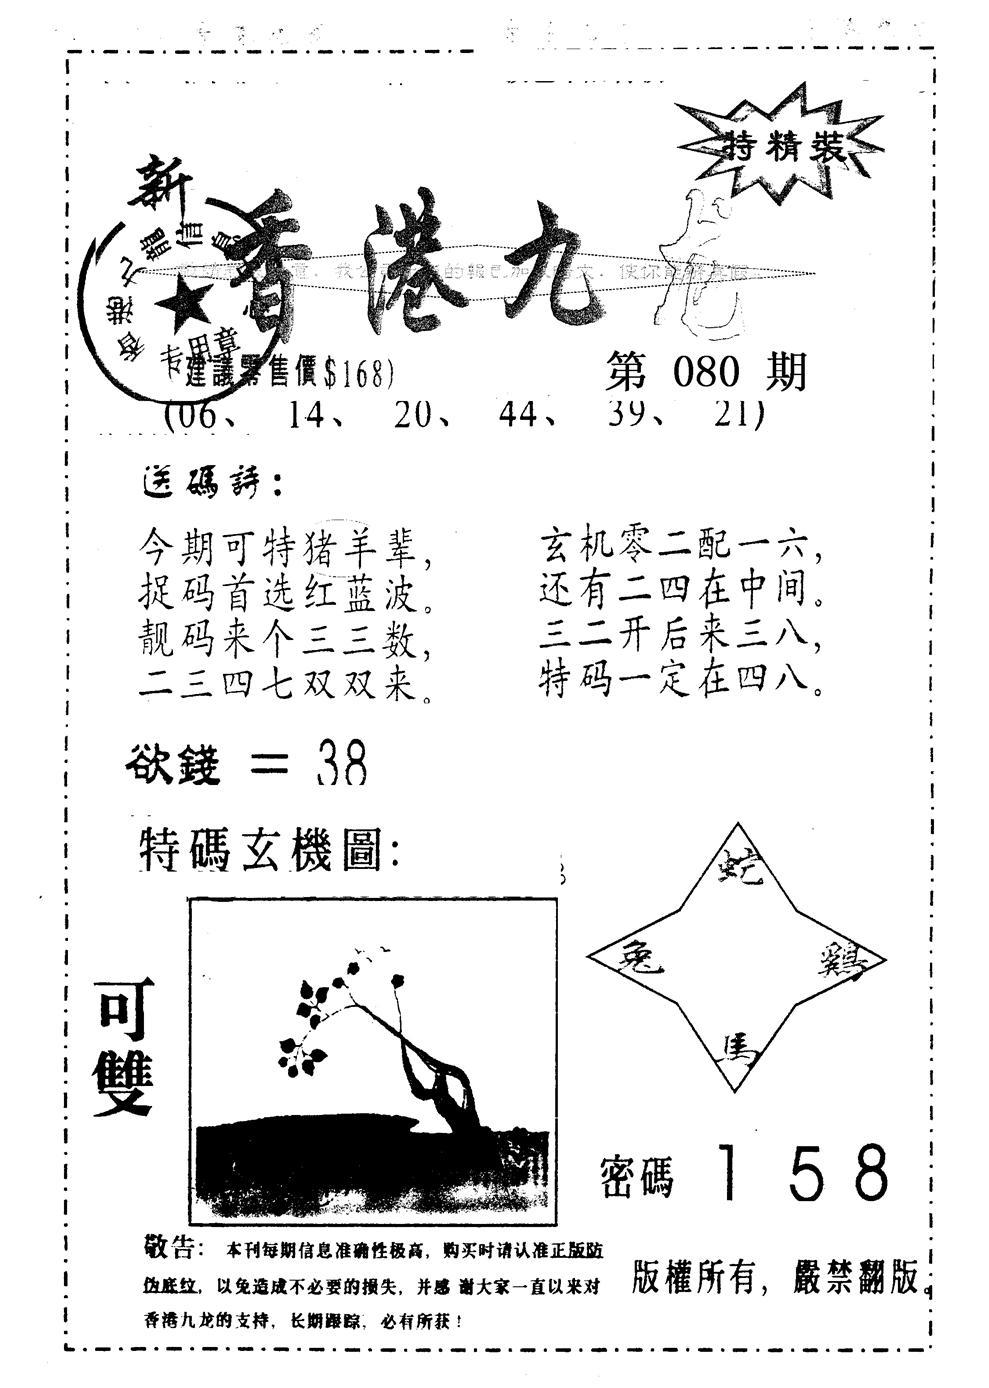 080期另版九龙内幕B(黑白)